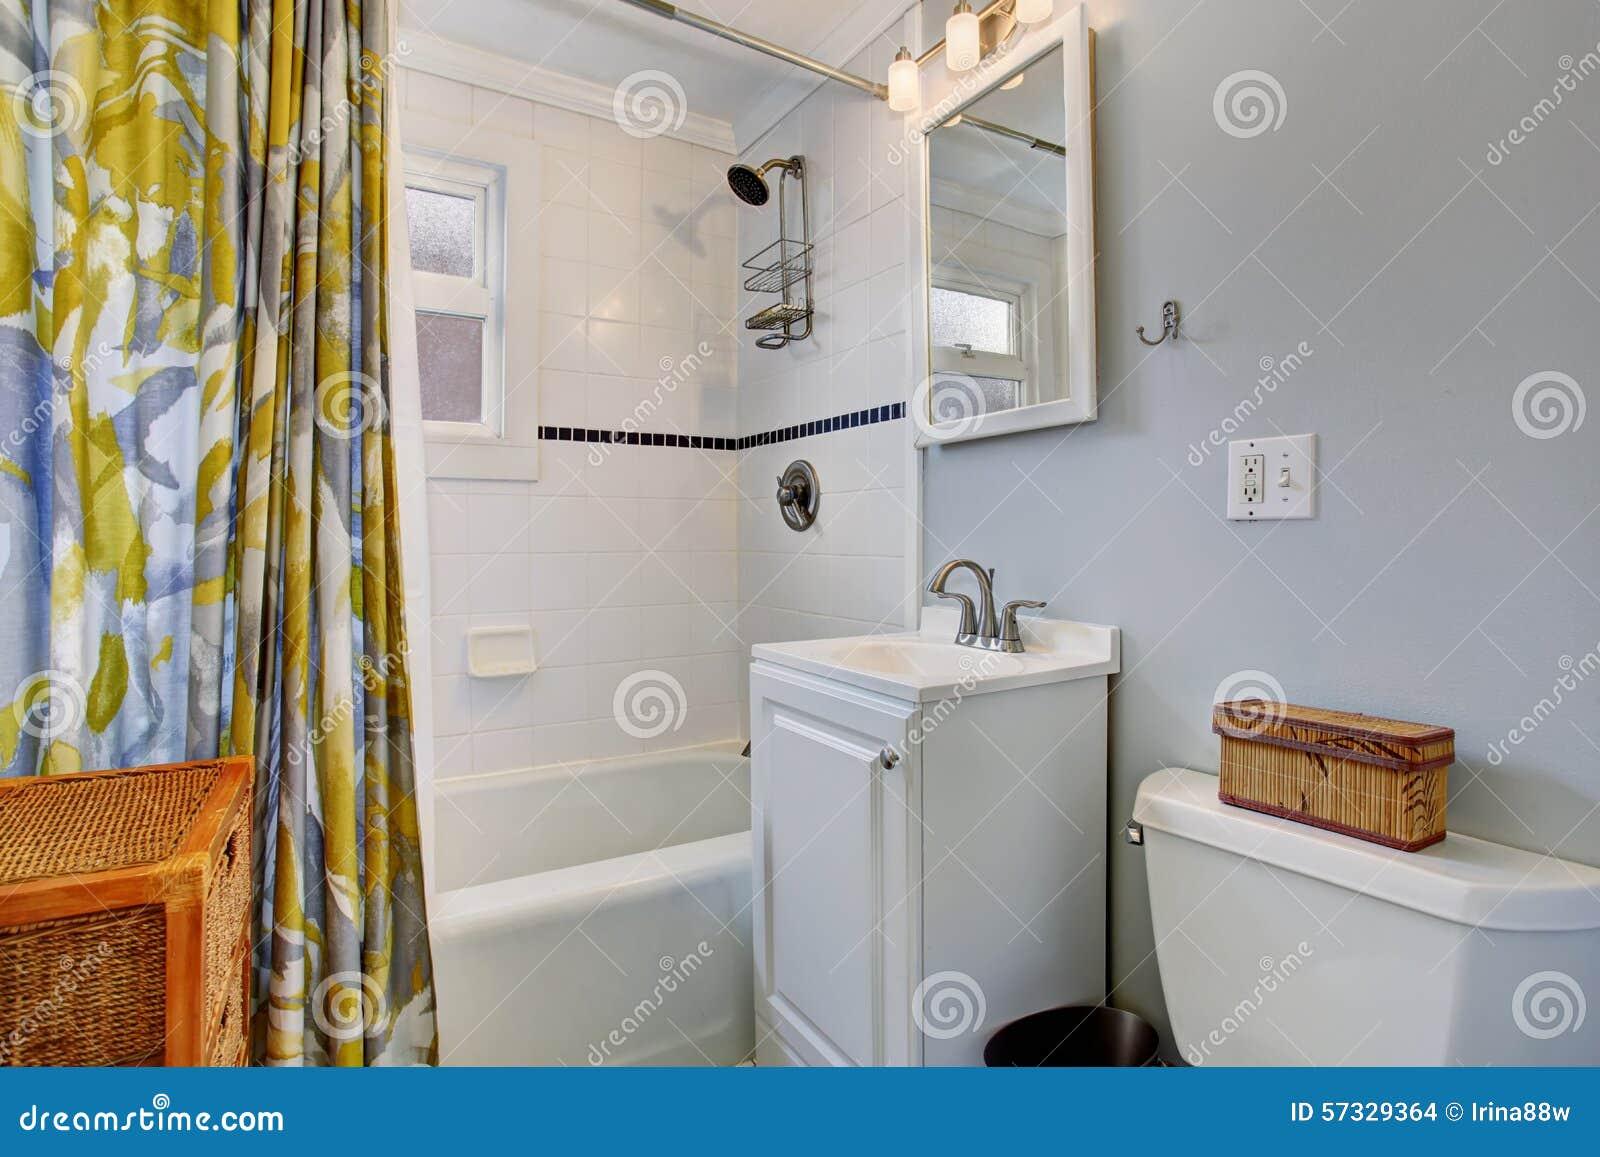 petite salle de bains avec les murs bleus et rideau en douche color photo stock image 57329364. Black Bedroom Furniture Sets. Home Design Ideas